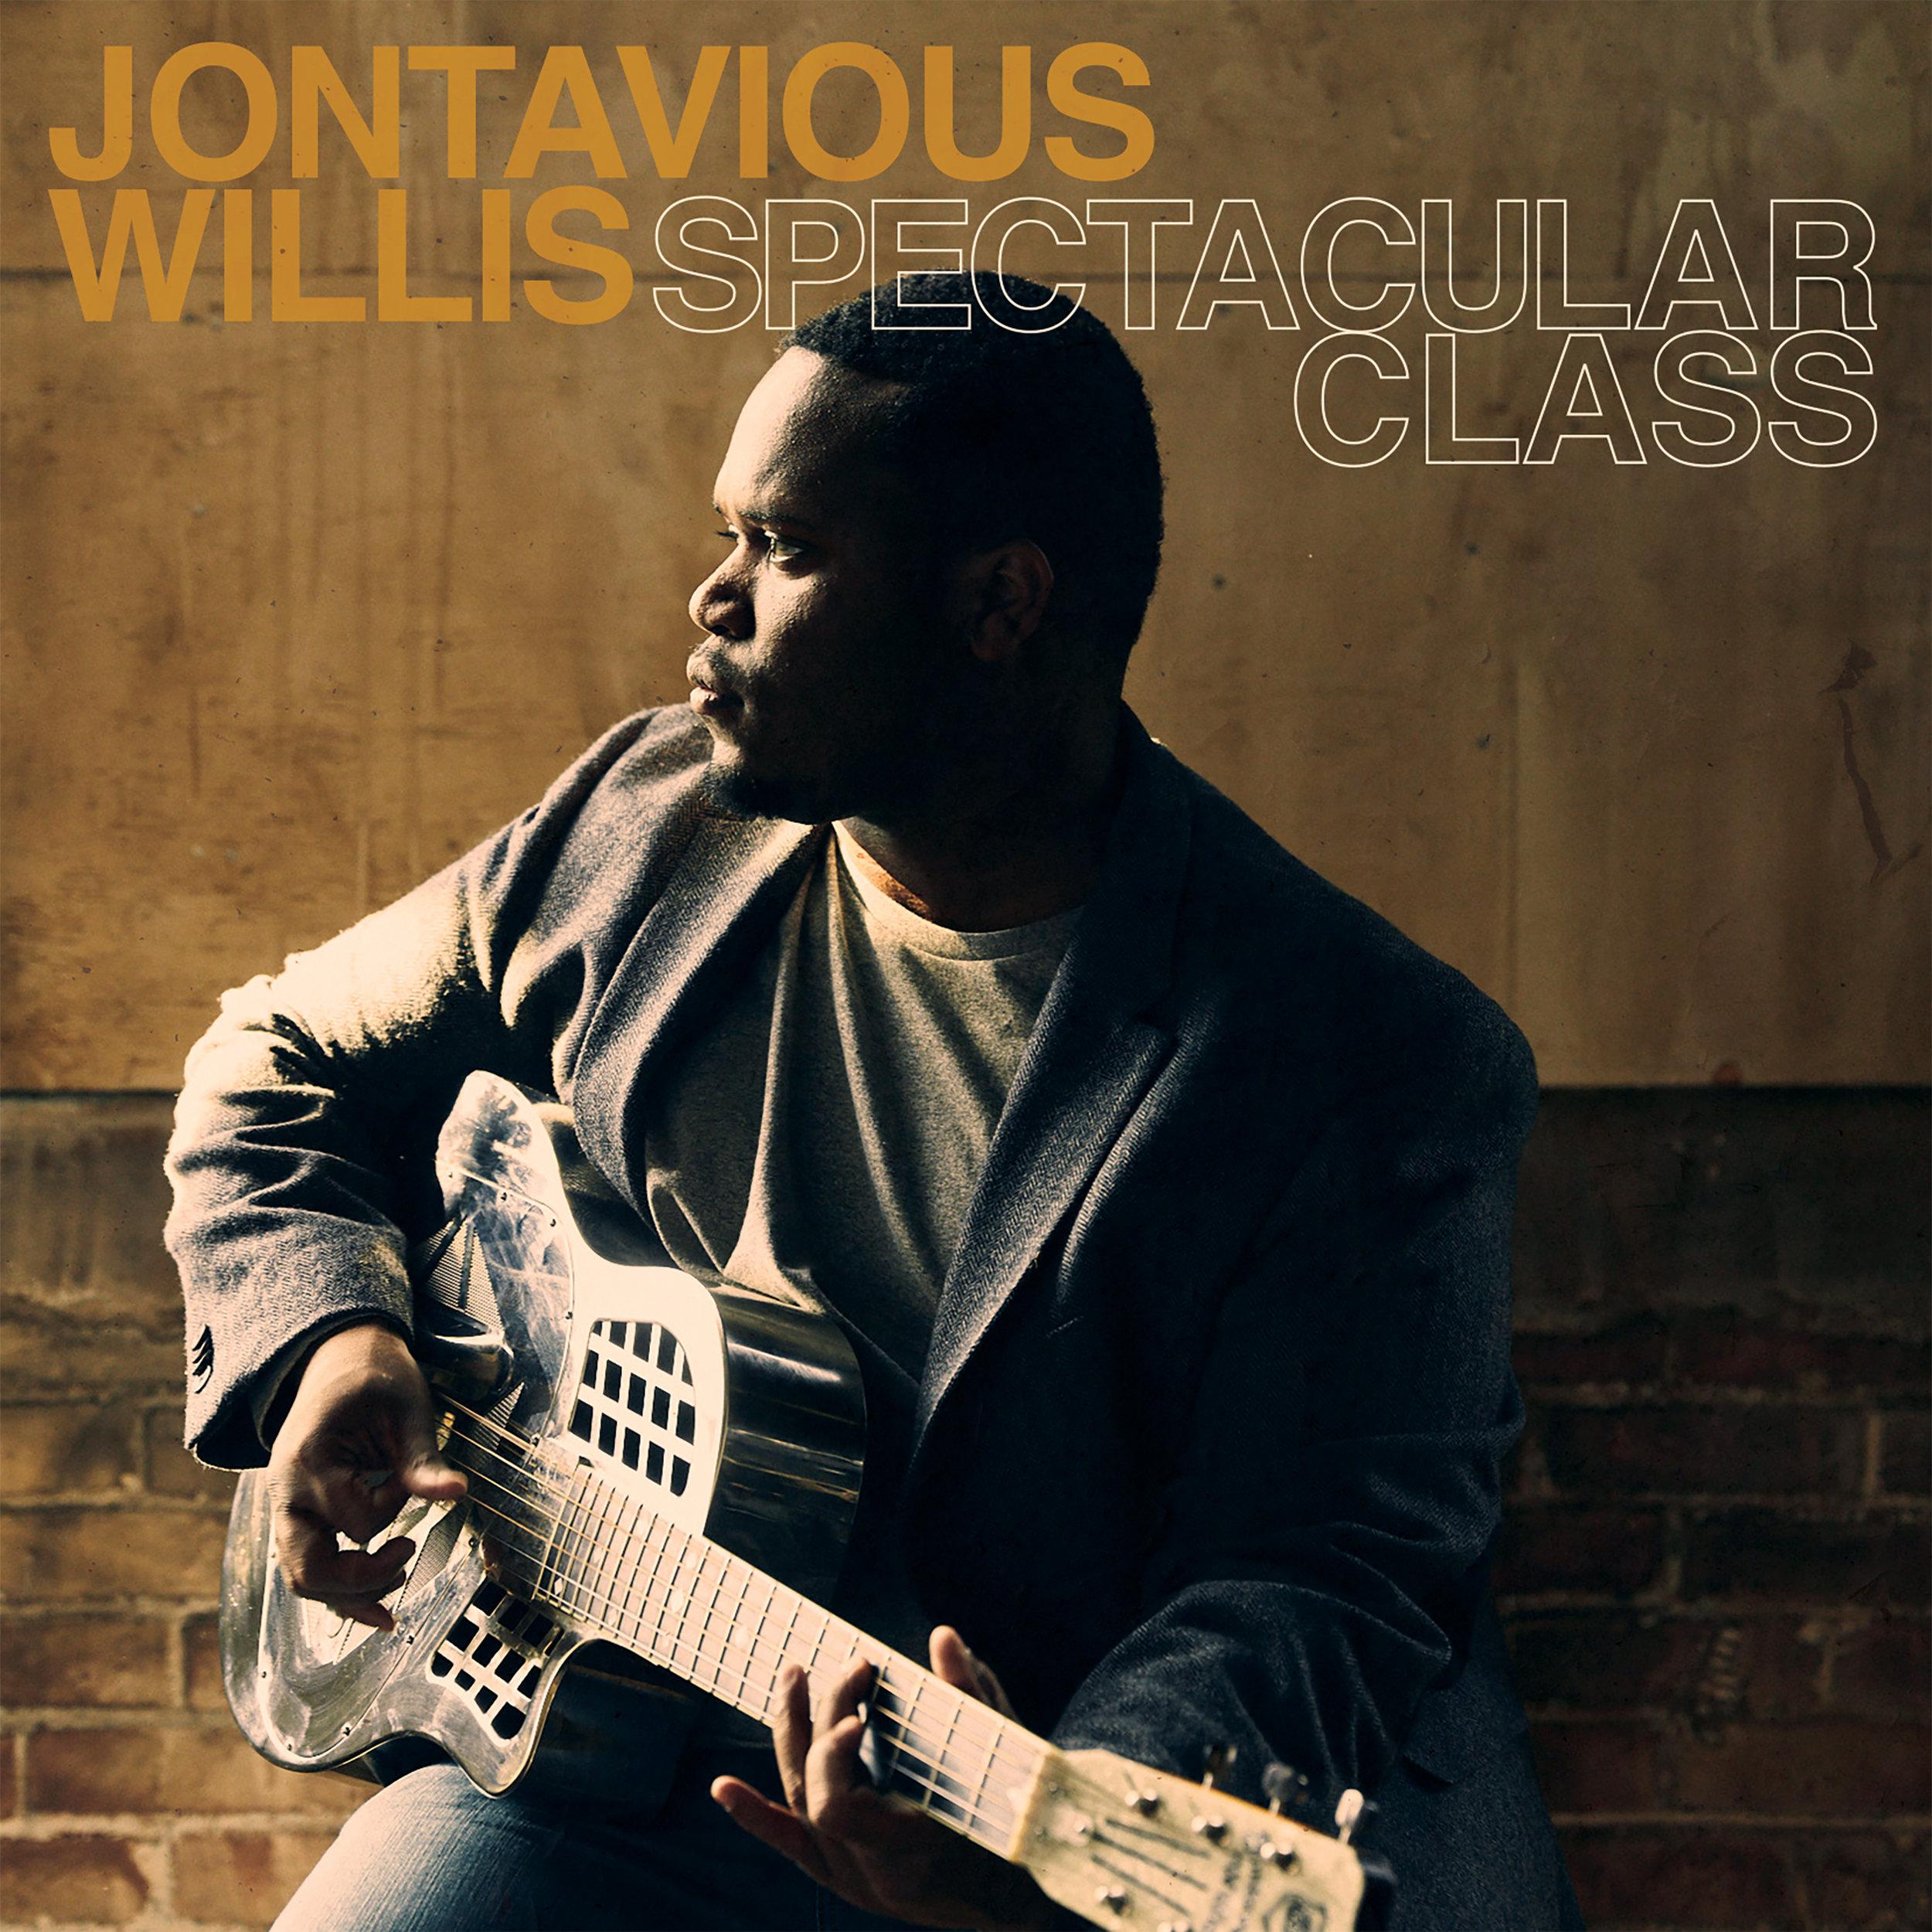 Jontavious Willis_Spectacular Class.jpg